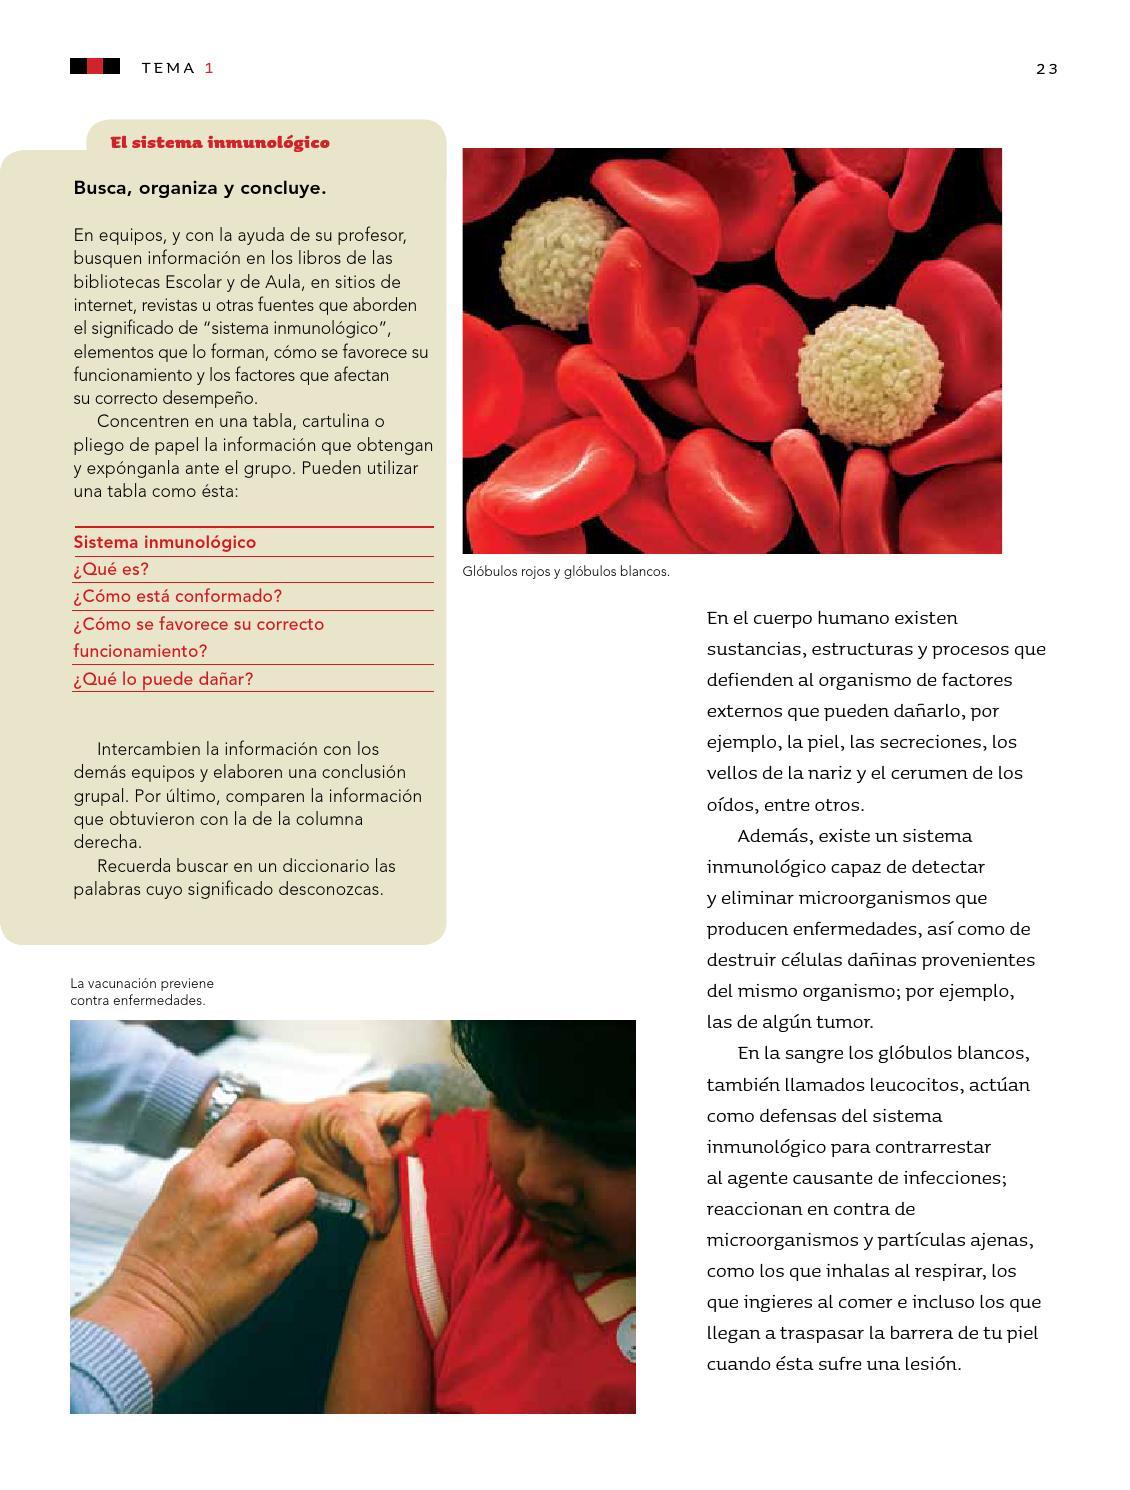 cómo se fortalece su correcto funcionamiento del sistema inmunológico